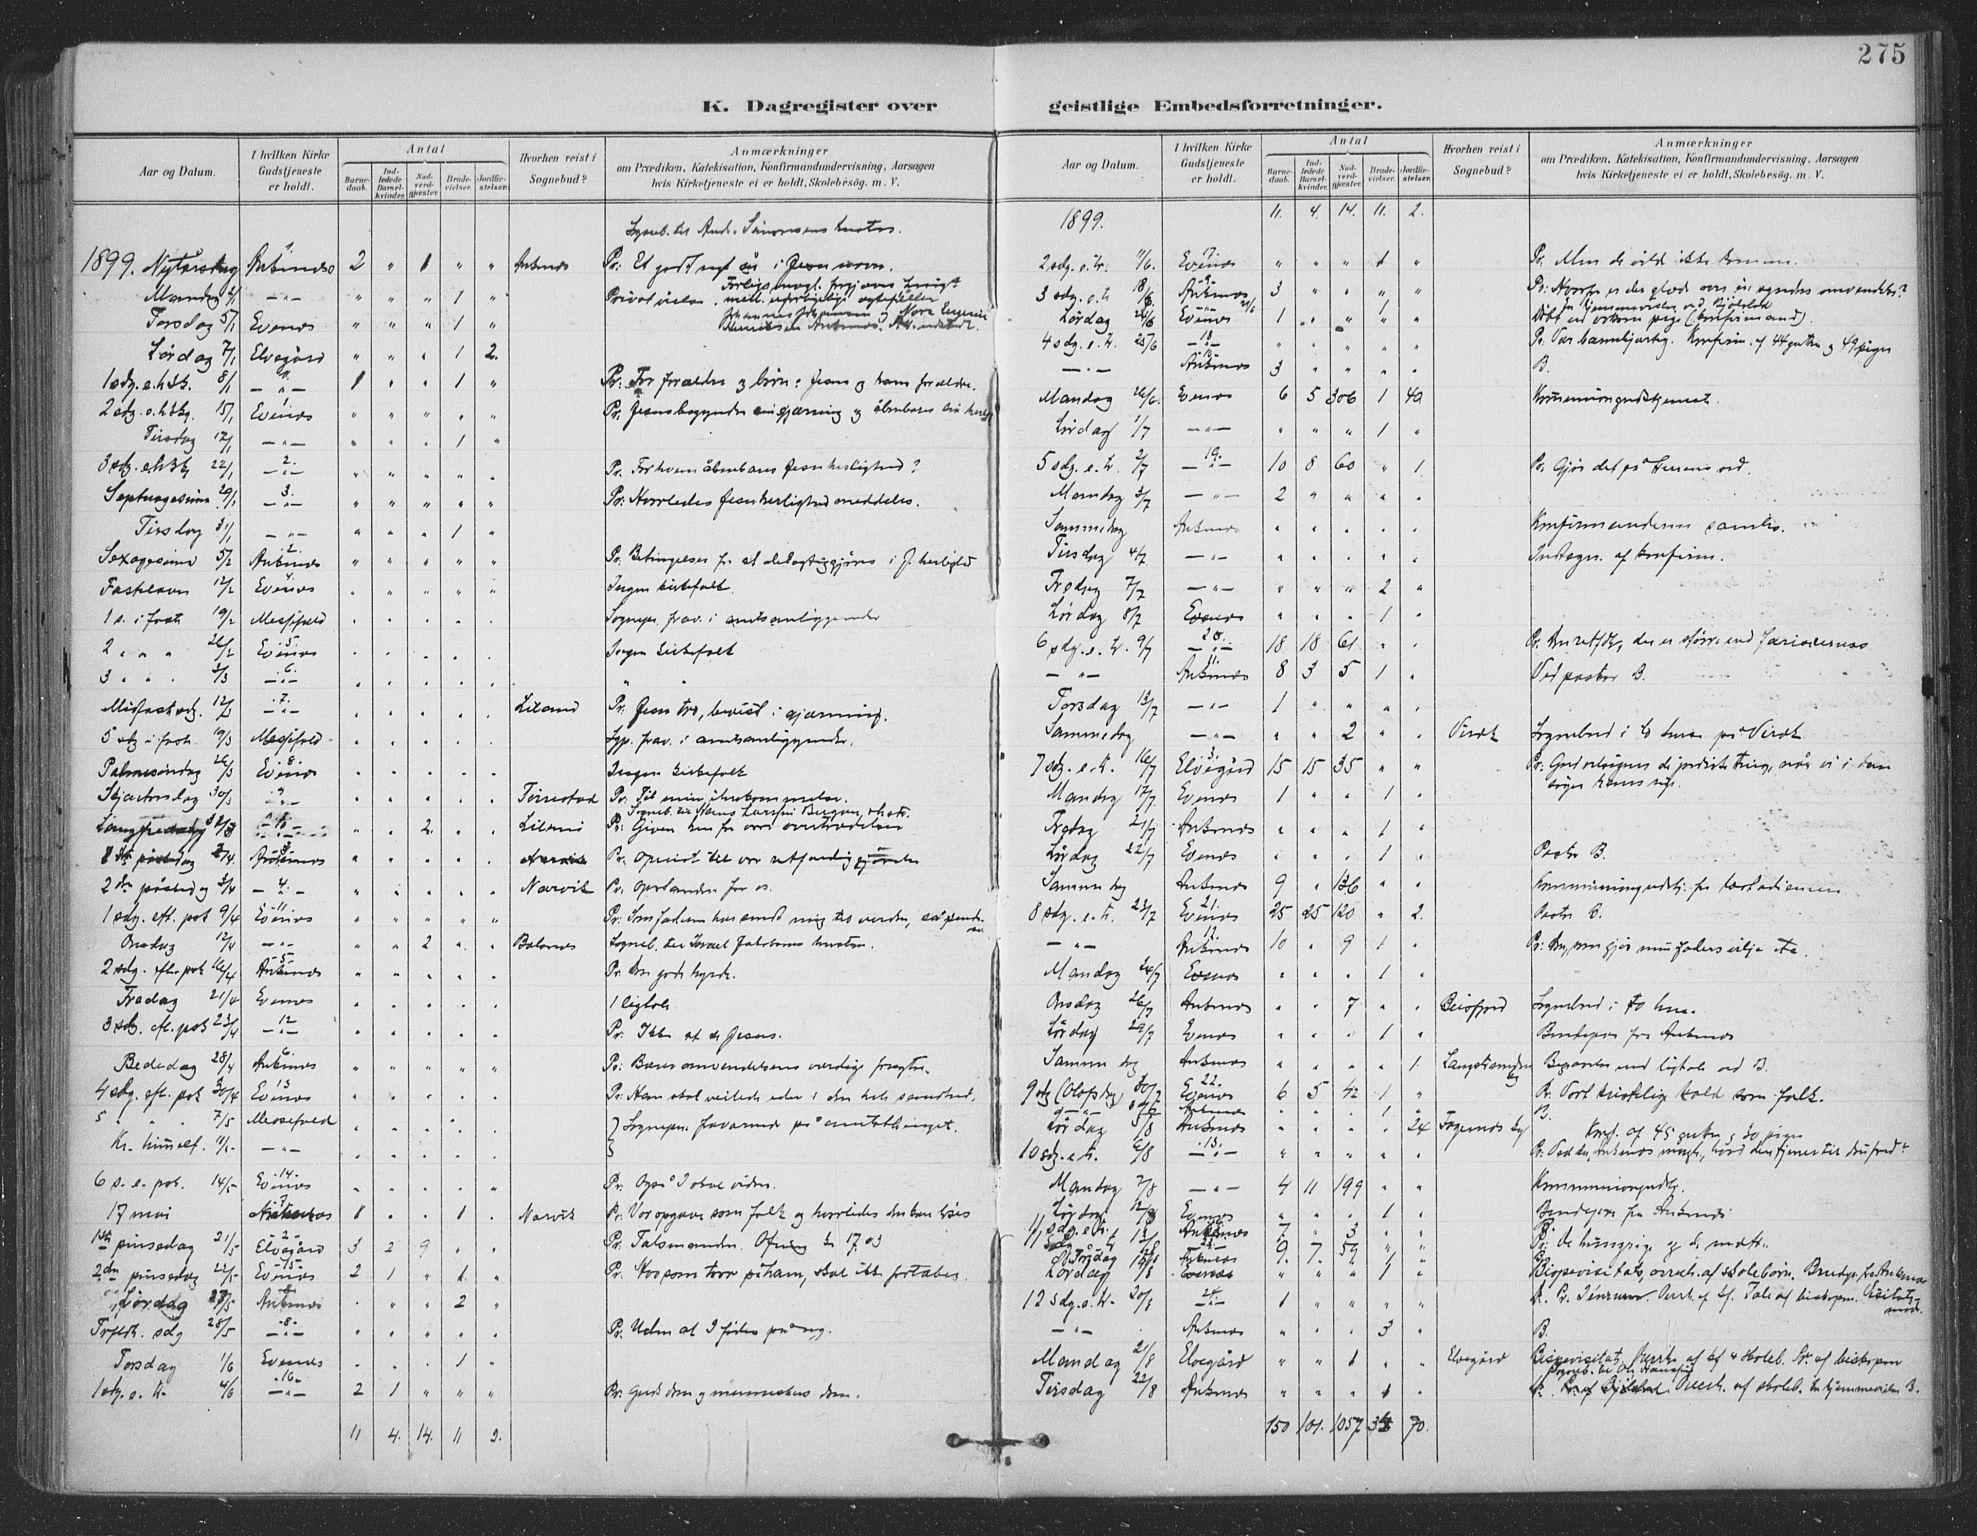 SAT, Ministerialprotokoller, klokkerbøker og fødselsregistre - Nordland, 863/L0899: Parish register (official) no. 863A11, 1897-1906, p. 275